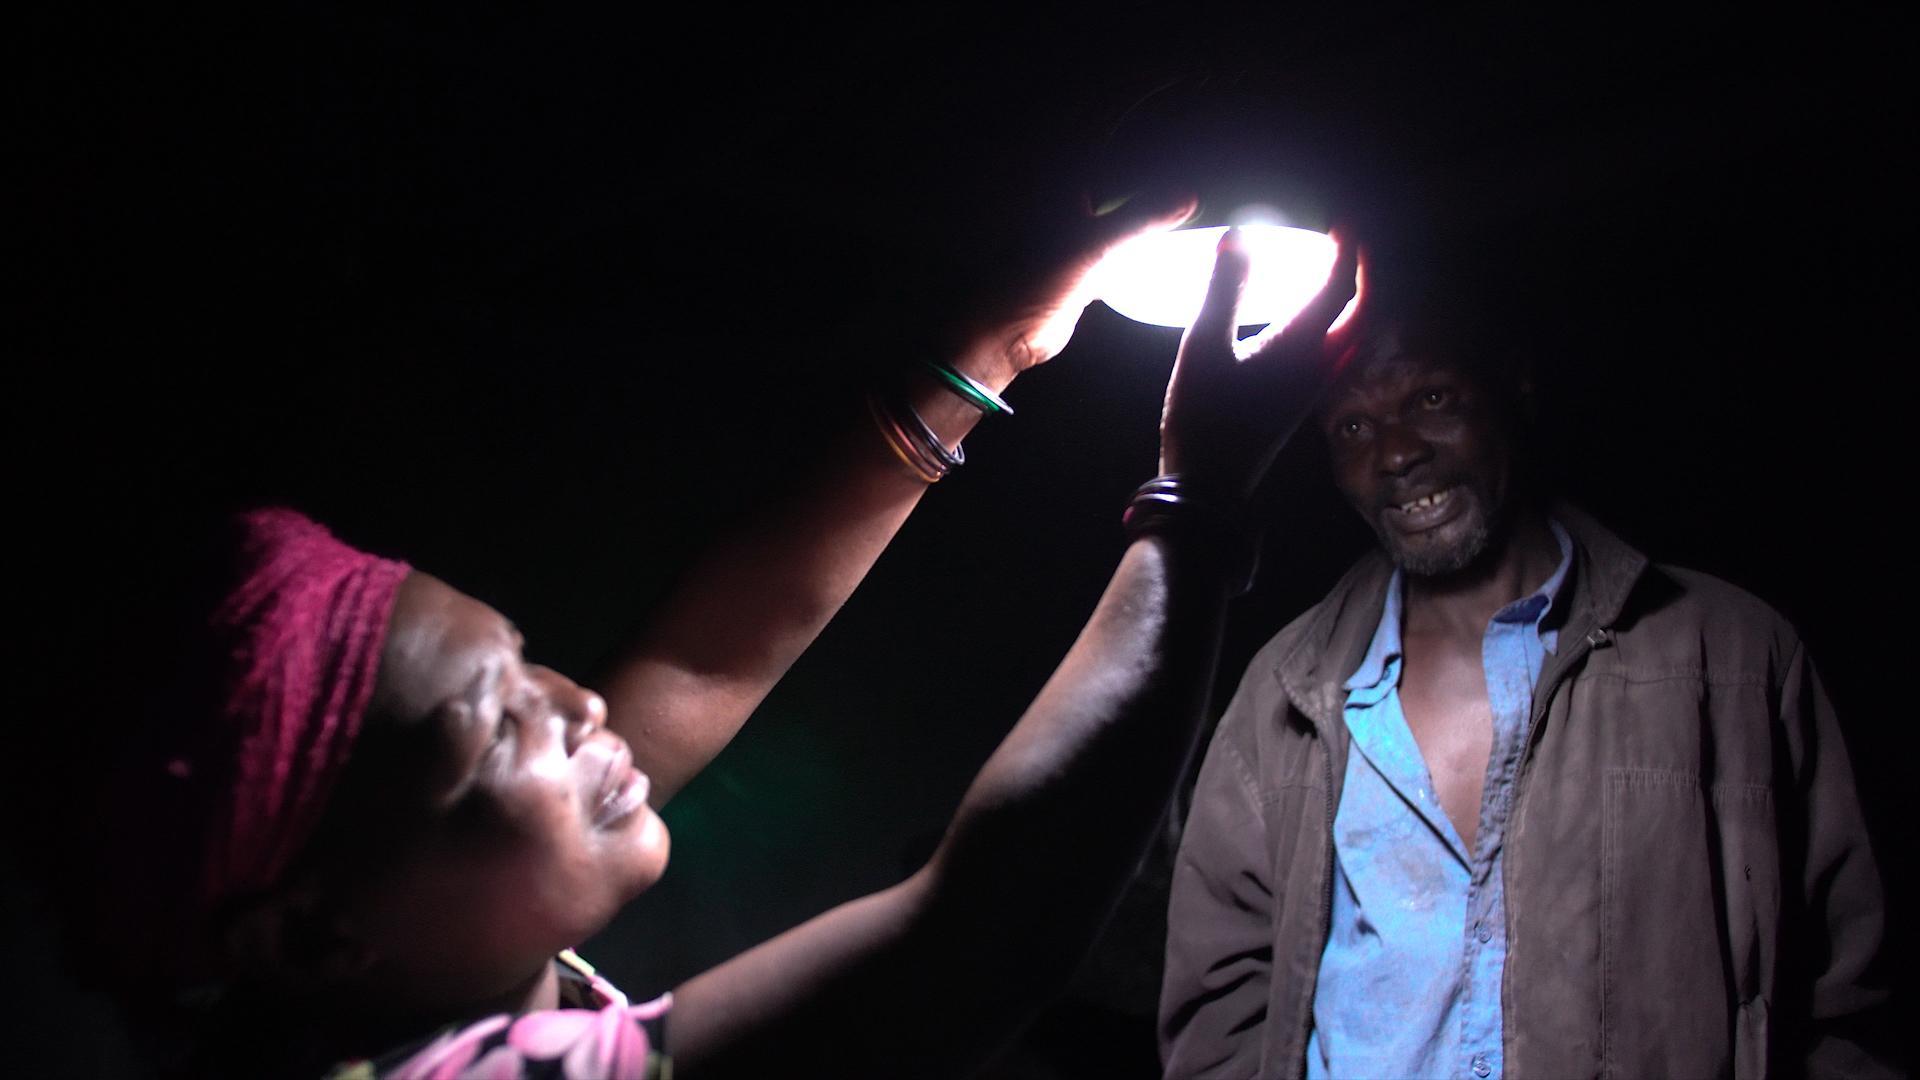 【ソーラーランタン10万台プロジェクト】パナソニックが南アフリカ、スワジランド、レソトへ初寄贈(1)